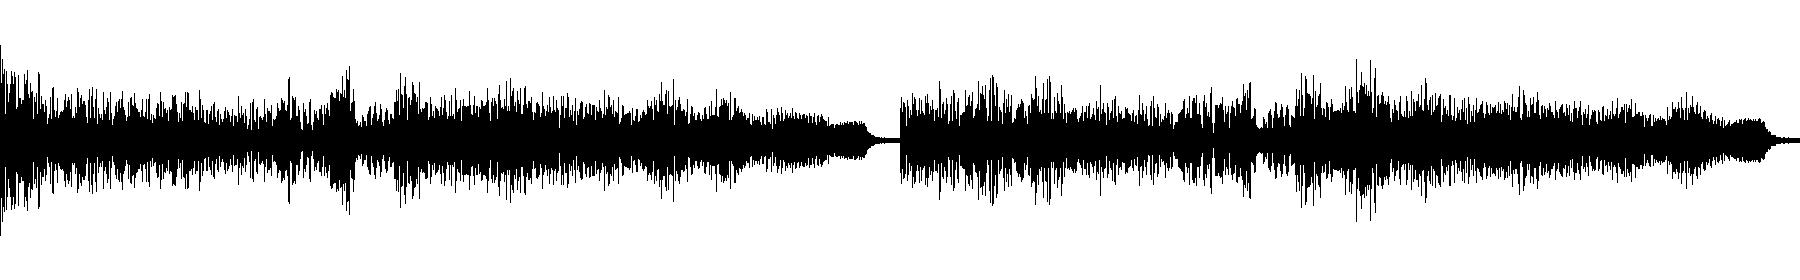 Fhp rhodes 20chords6 125 c